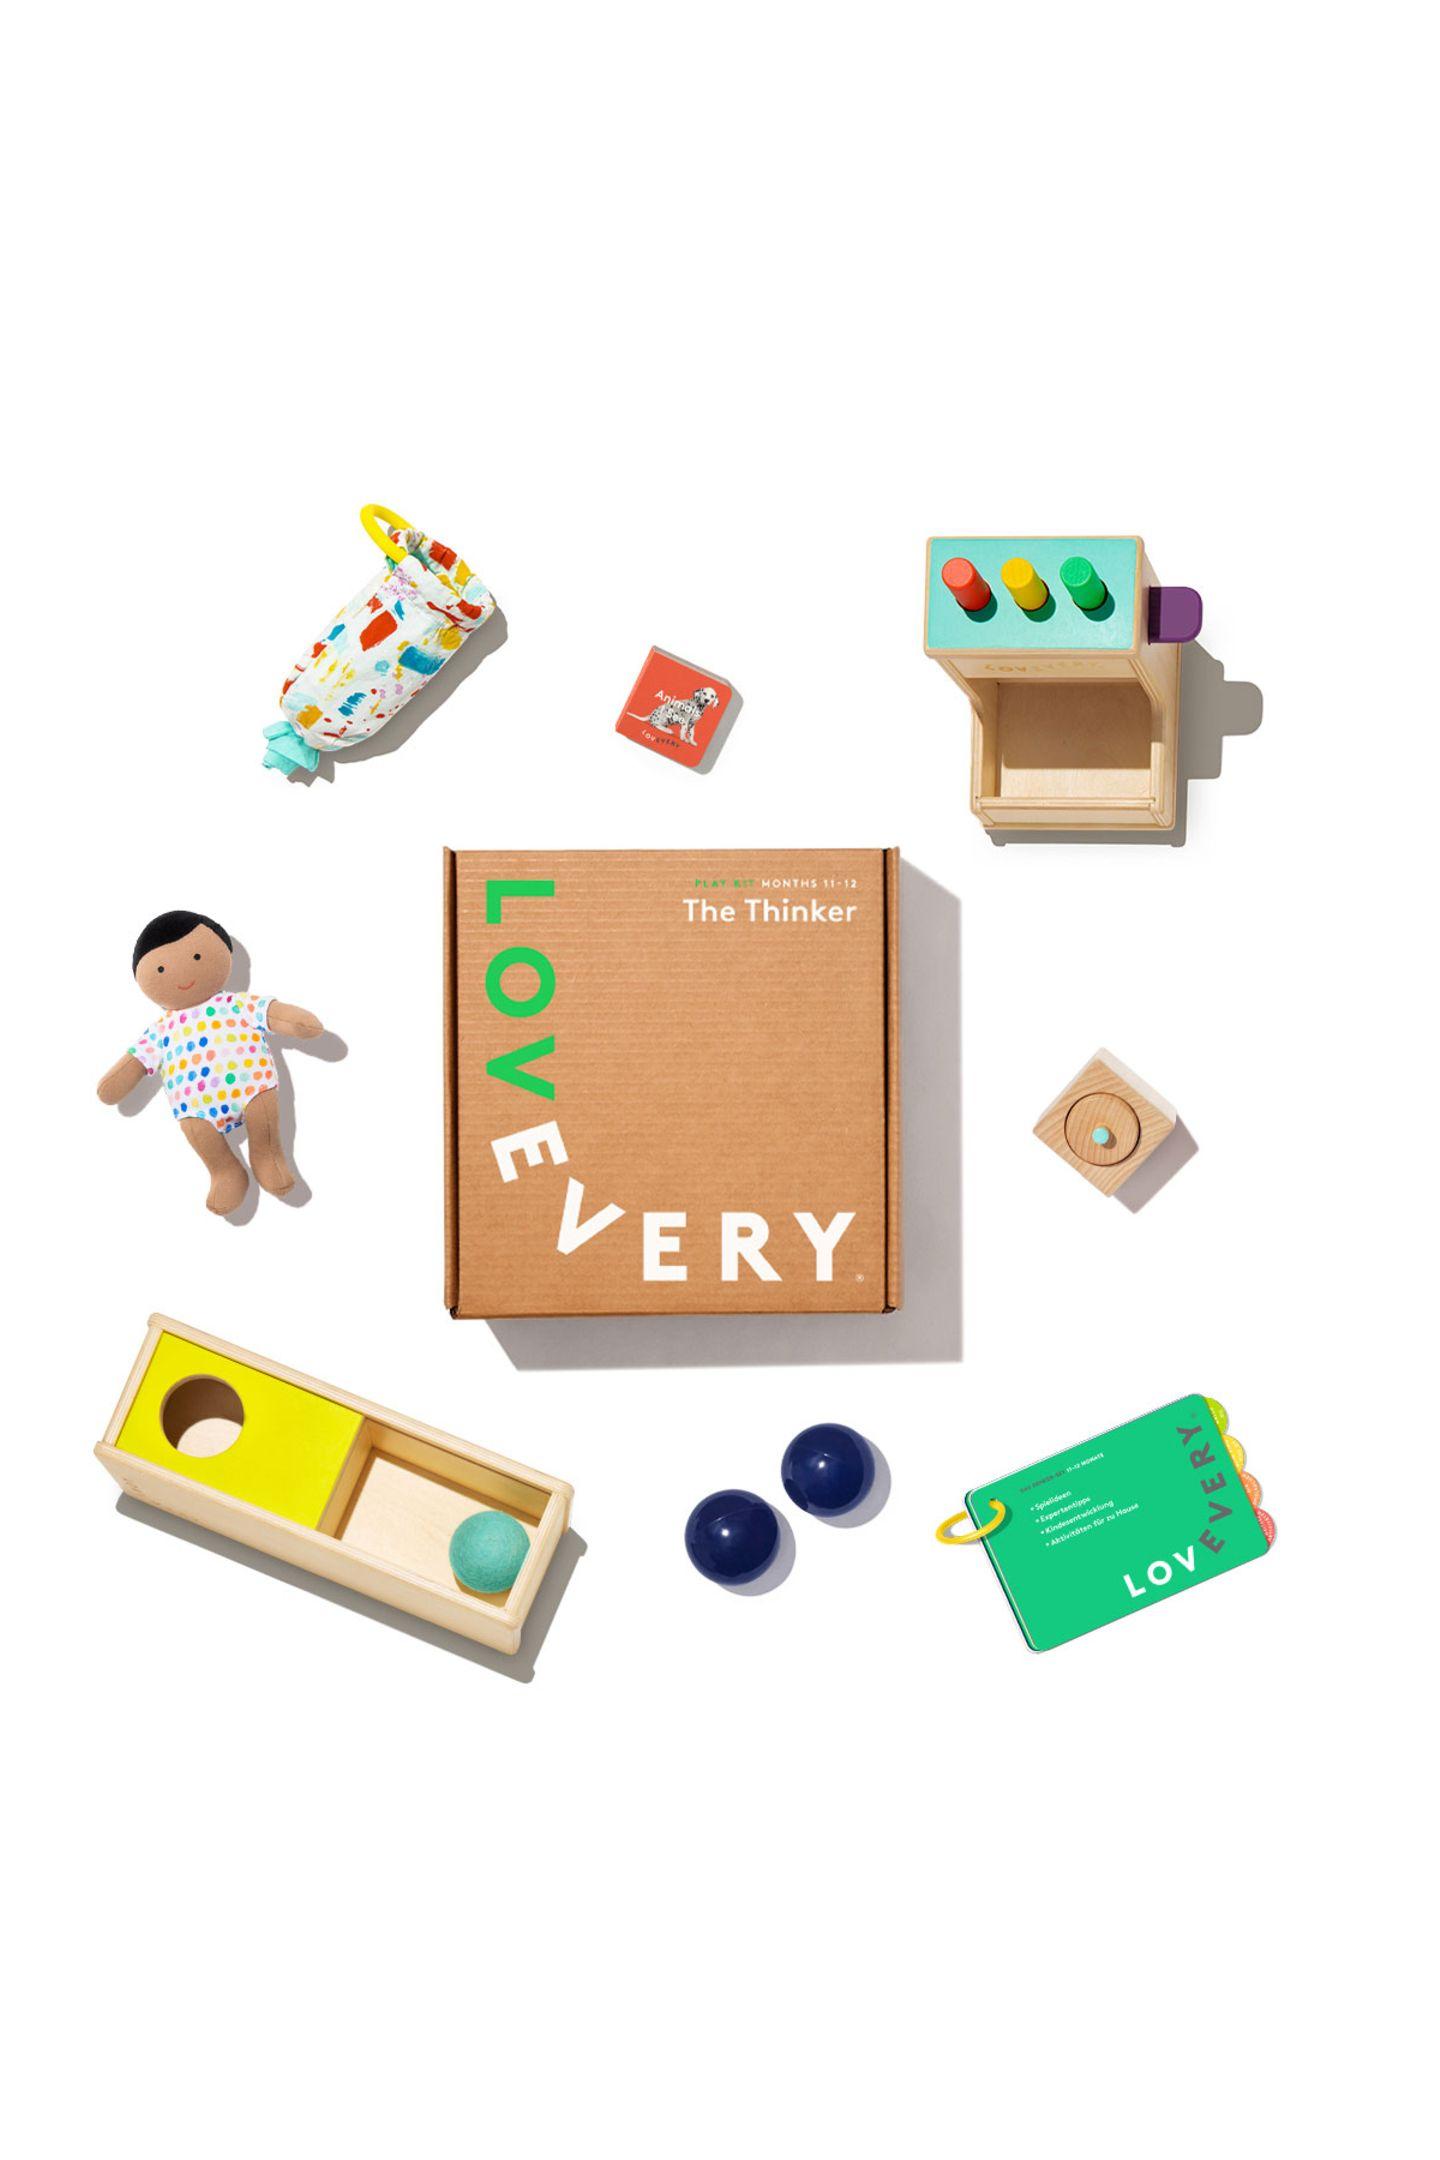 """Wertvoller SpielspaßJedes Kind entdeckt die Welt auf ganz eigene Weise. Die tollen Spielzeugboxen, die zusammen mit Entwicklungsexperten und Pädagogen altersgerecht entwickelt werden, gibt es einzeln oder im praktischen Abomodell. """"Playkits"""" von Lovevery, ab ca. 84 Euro pro Box"""